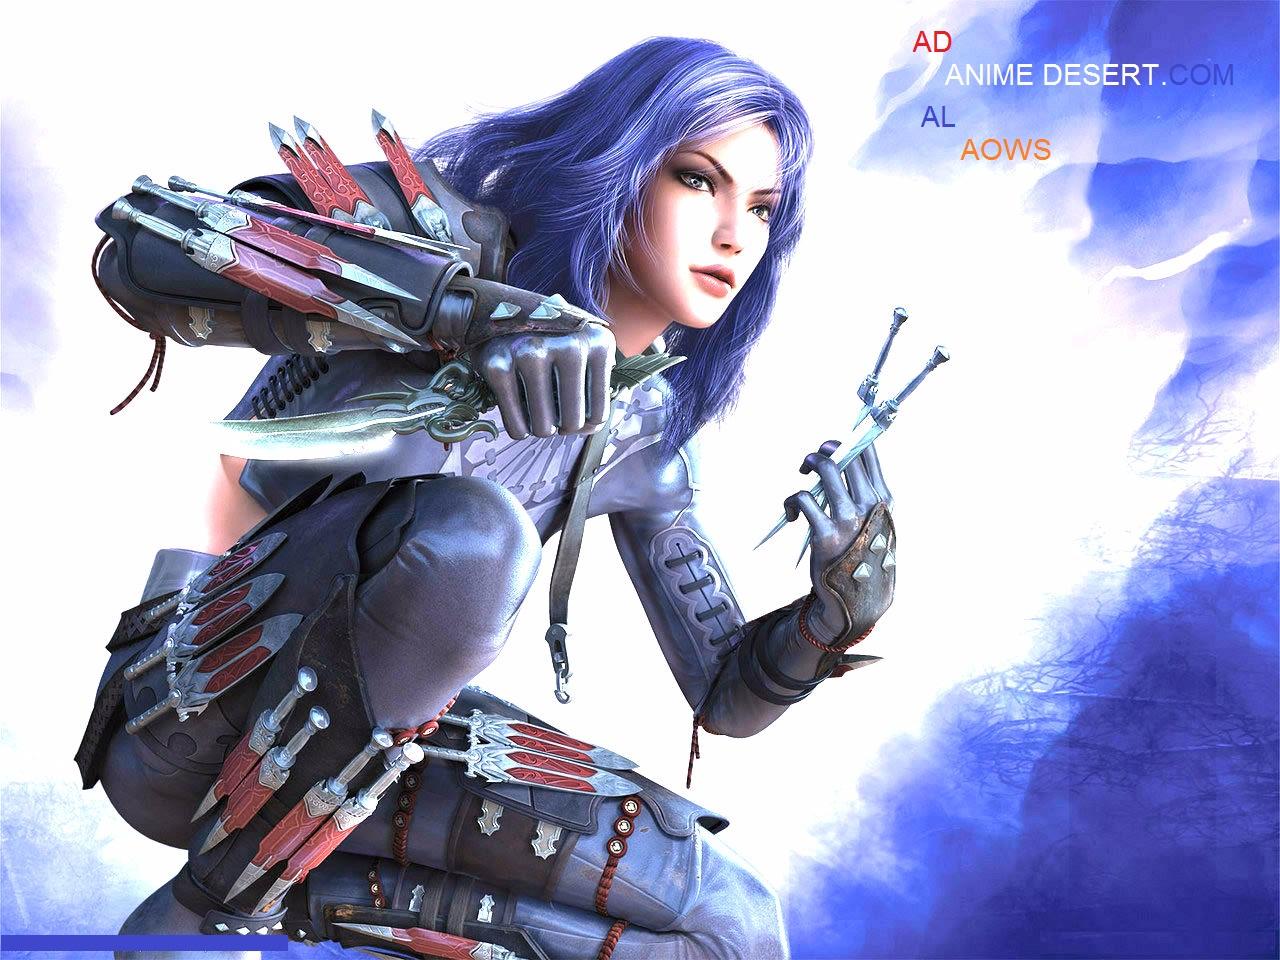 1284969255_1280x960_smart-women-killer_1.jpg